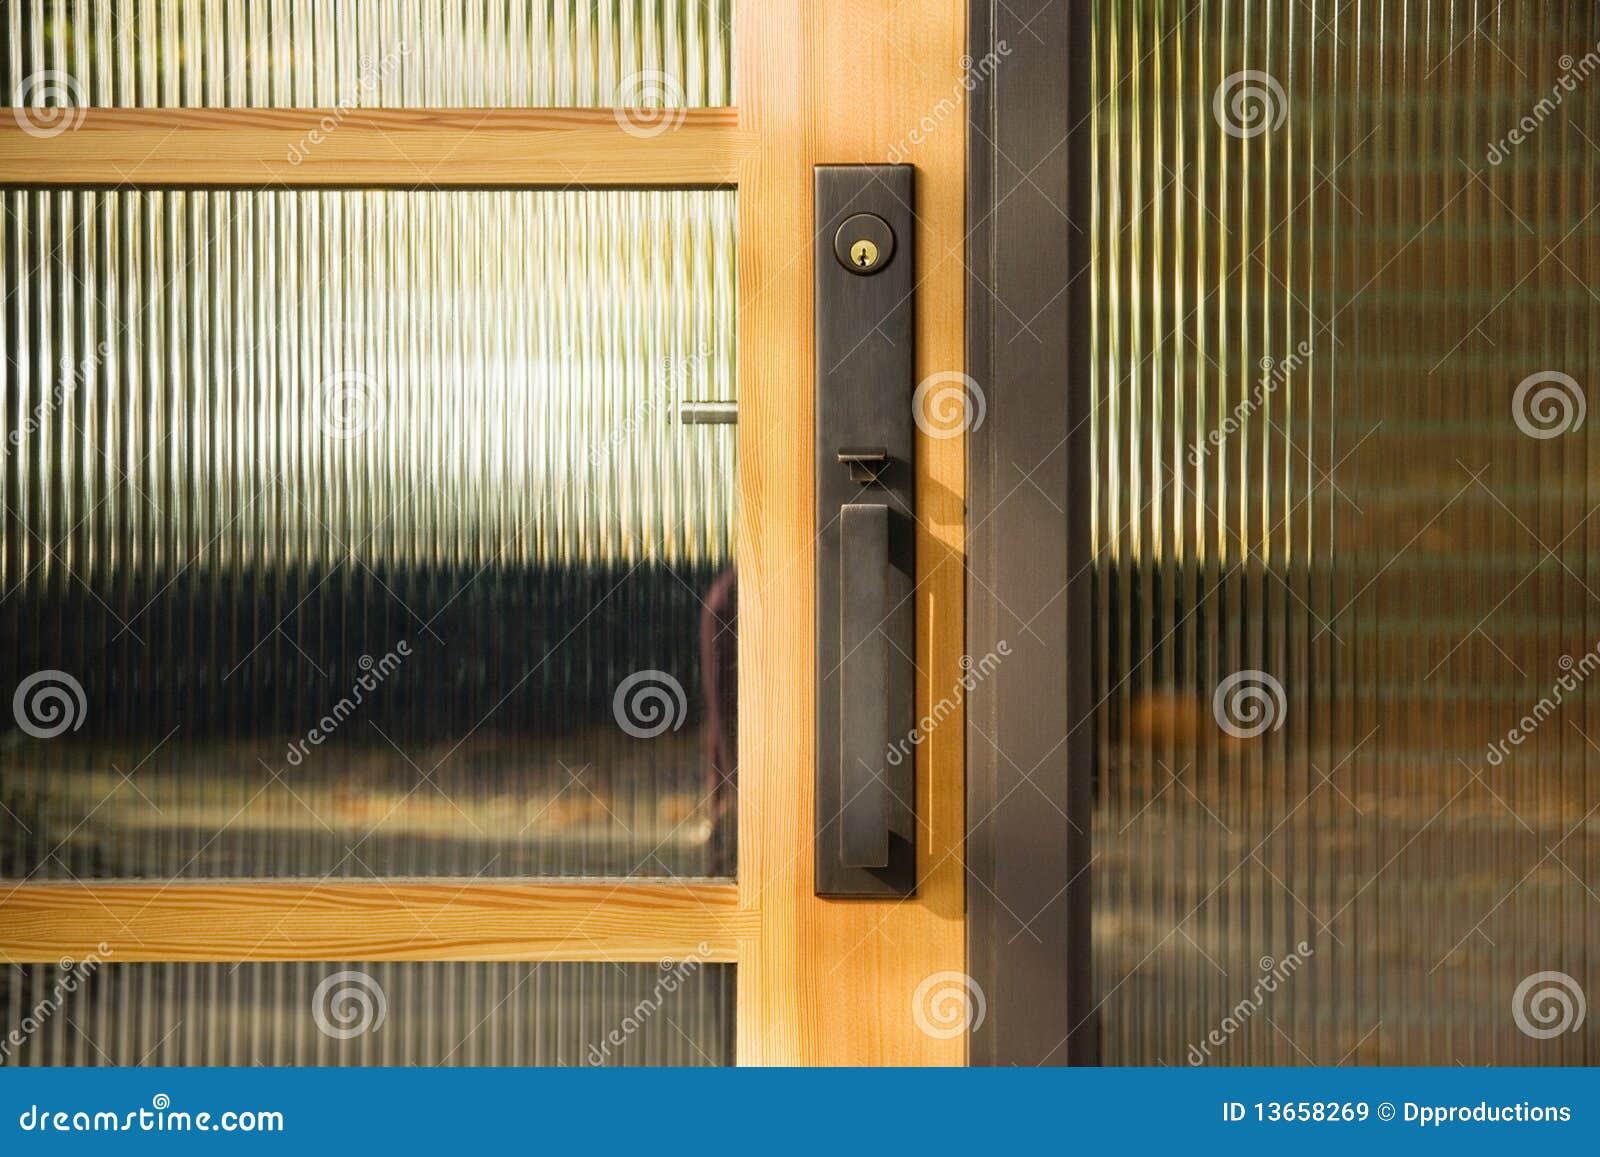 Door Handle On Textured Glass Door